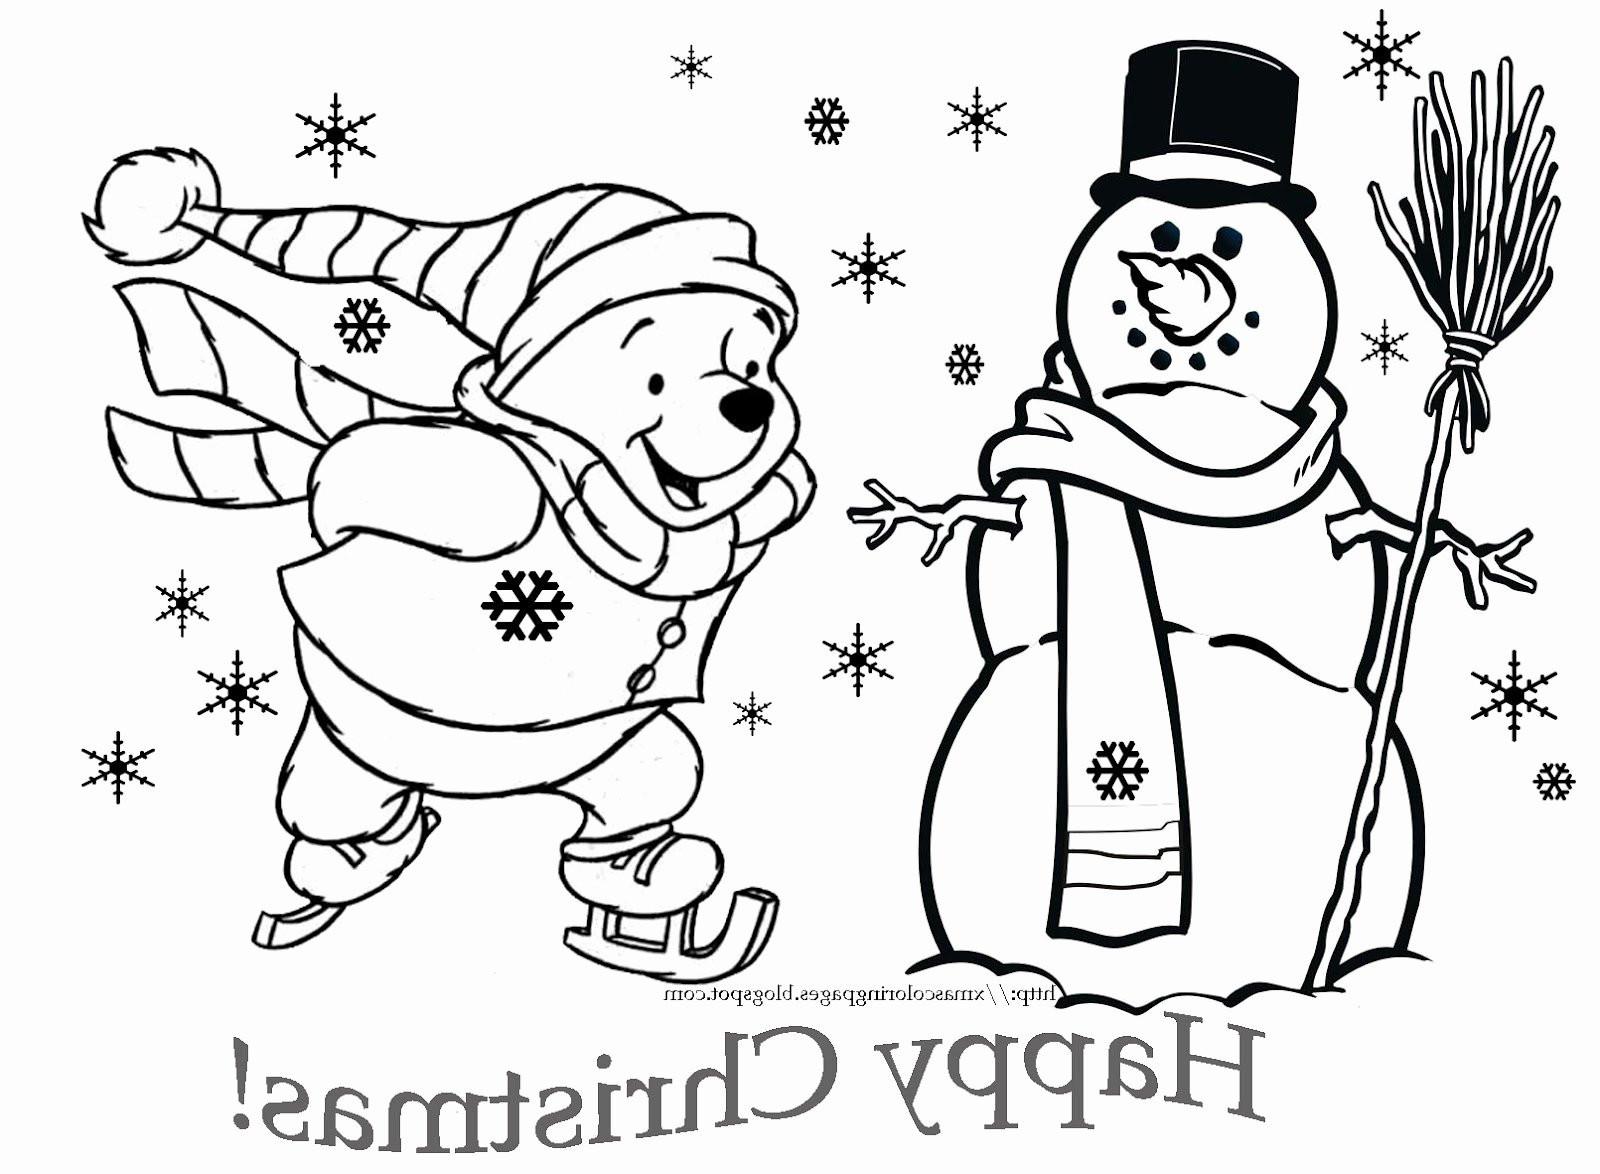 Malvorlagen Weihnachten Schneemann Genial 30 Beste Von Weihnachts Ausmalbilder – Malvorlagen Ideen Bild